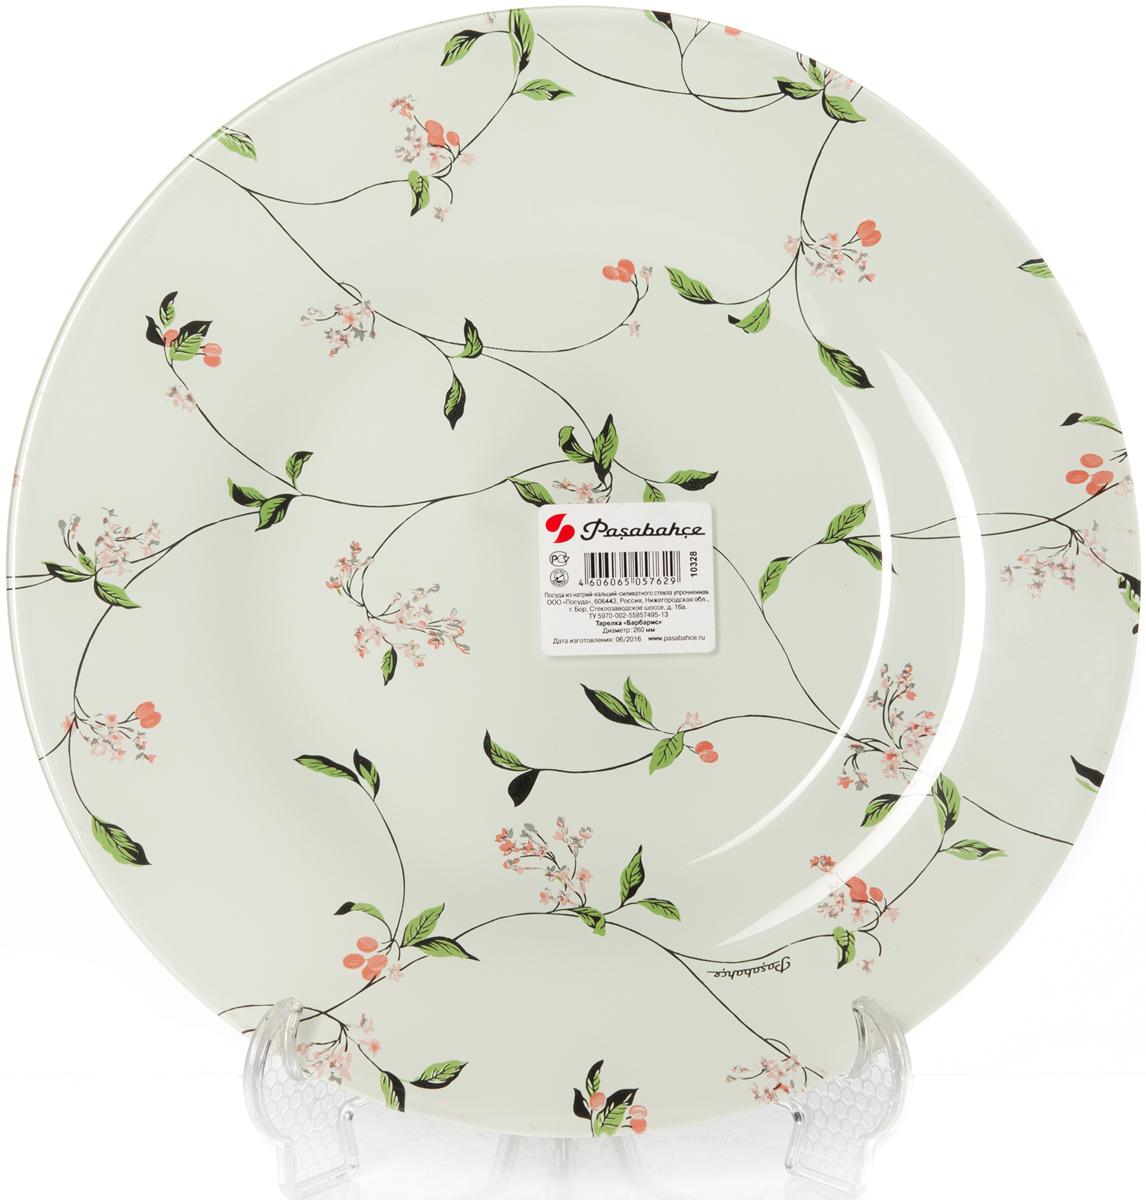 Тарелка Pasabahce Барбарис, цвет: белый, диаметр 26 см10328SLBD31Тарелка упроч. d=260 мм рис.БАРБАРИС